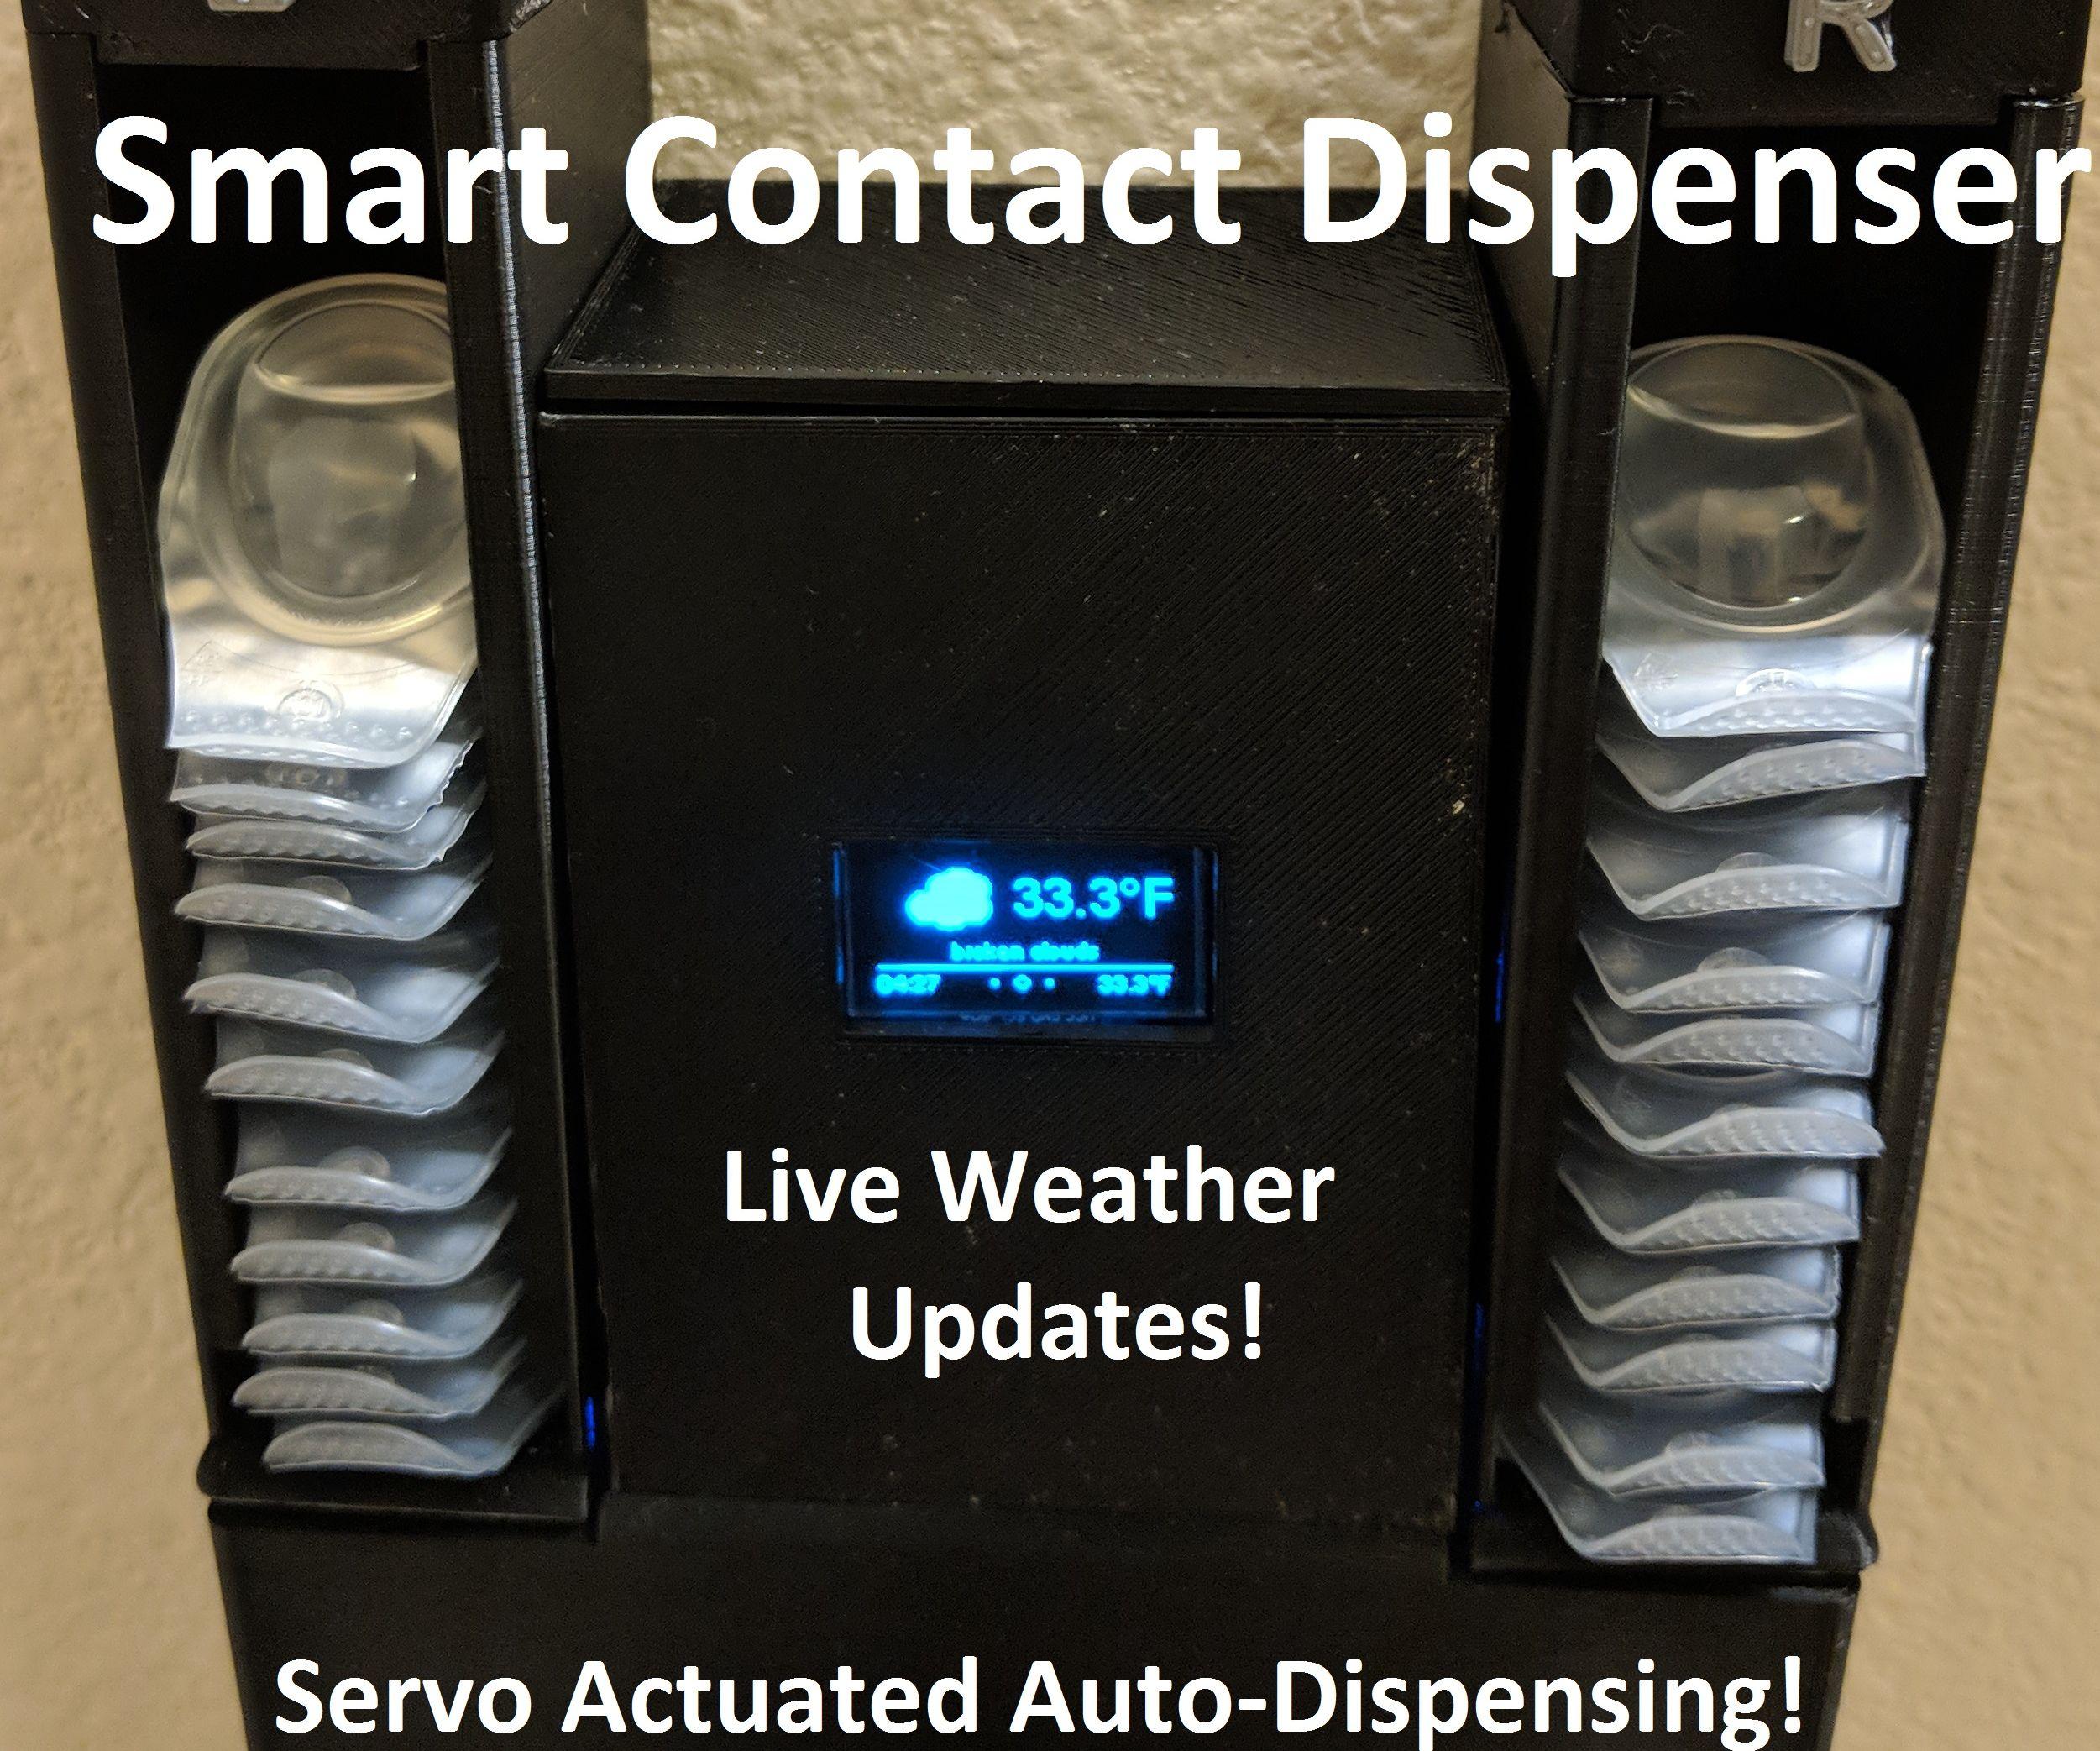 Smart Contact Dispenser